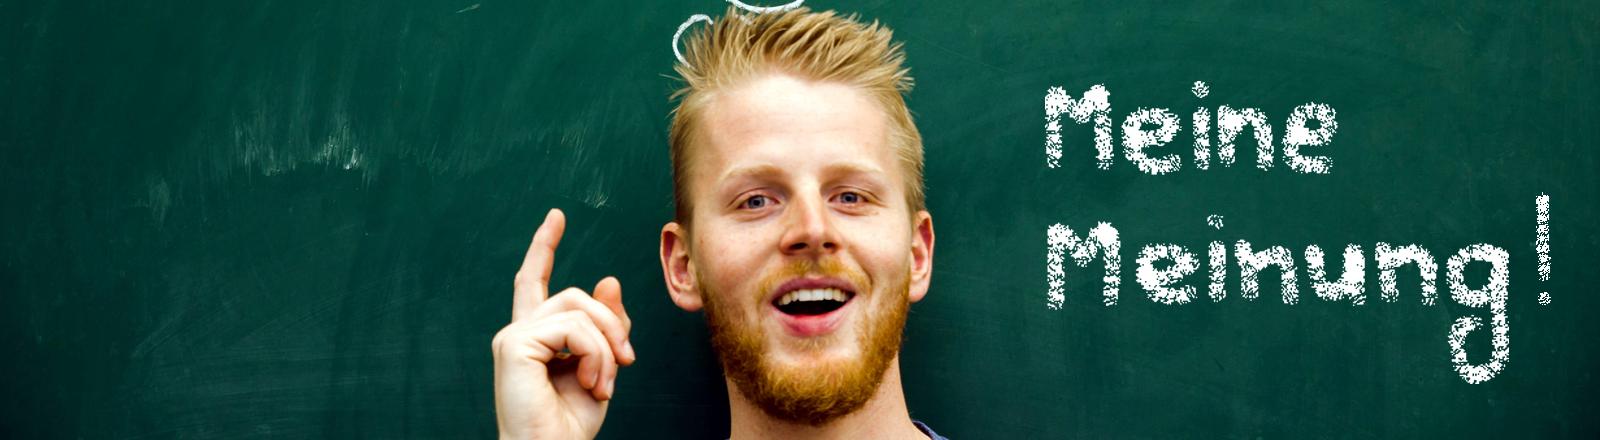 Ein junger Mann steht vor einer Tafel mit erhobenem Zeigefinger und lächelt